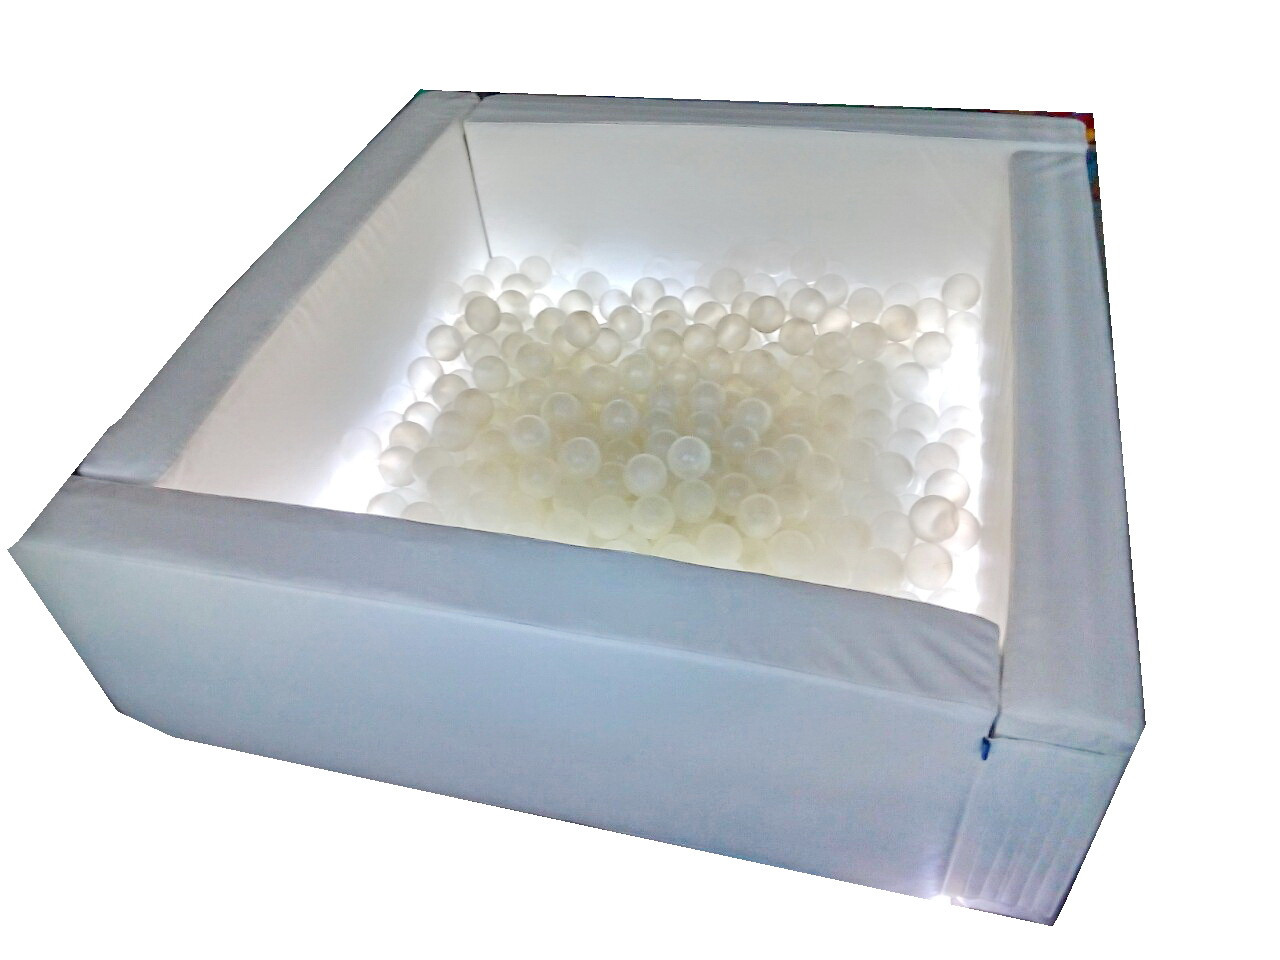 Сухий басейн Світлотерапія квадратний